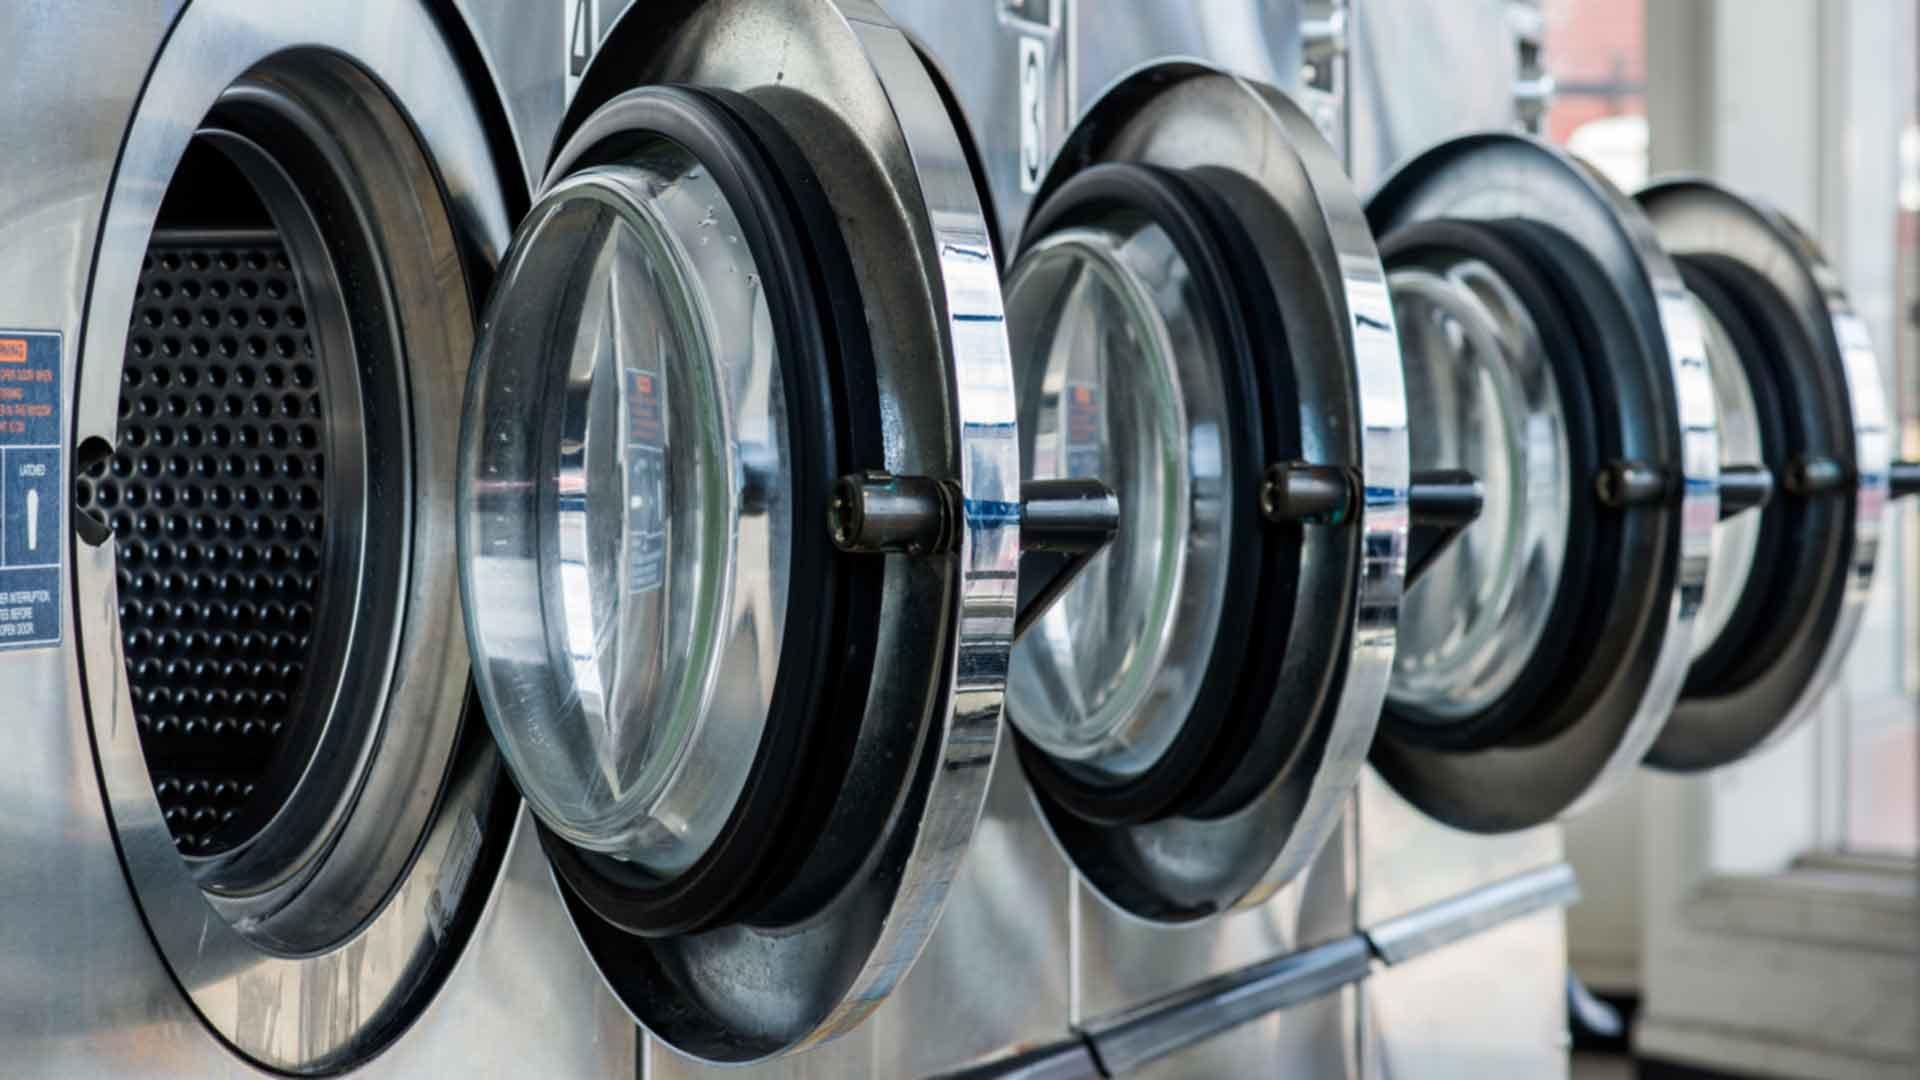 waschmaschine reinigen klar waschmaschinen m ssen ab und zu gereinigt werden. Black Bedroom Furniture Sets. Home Design Ideas